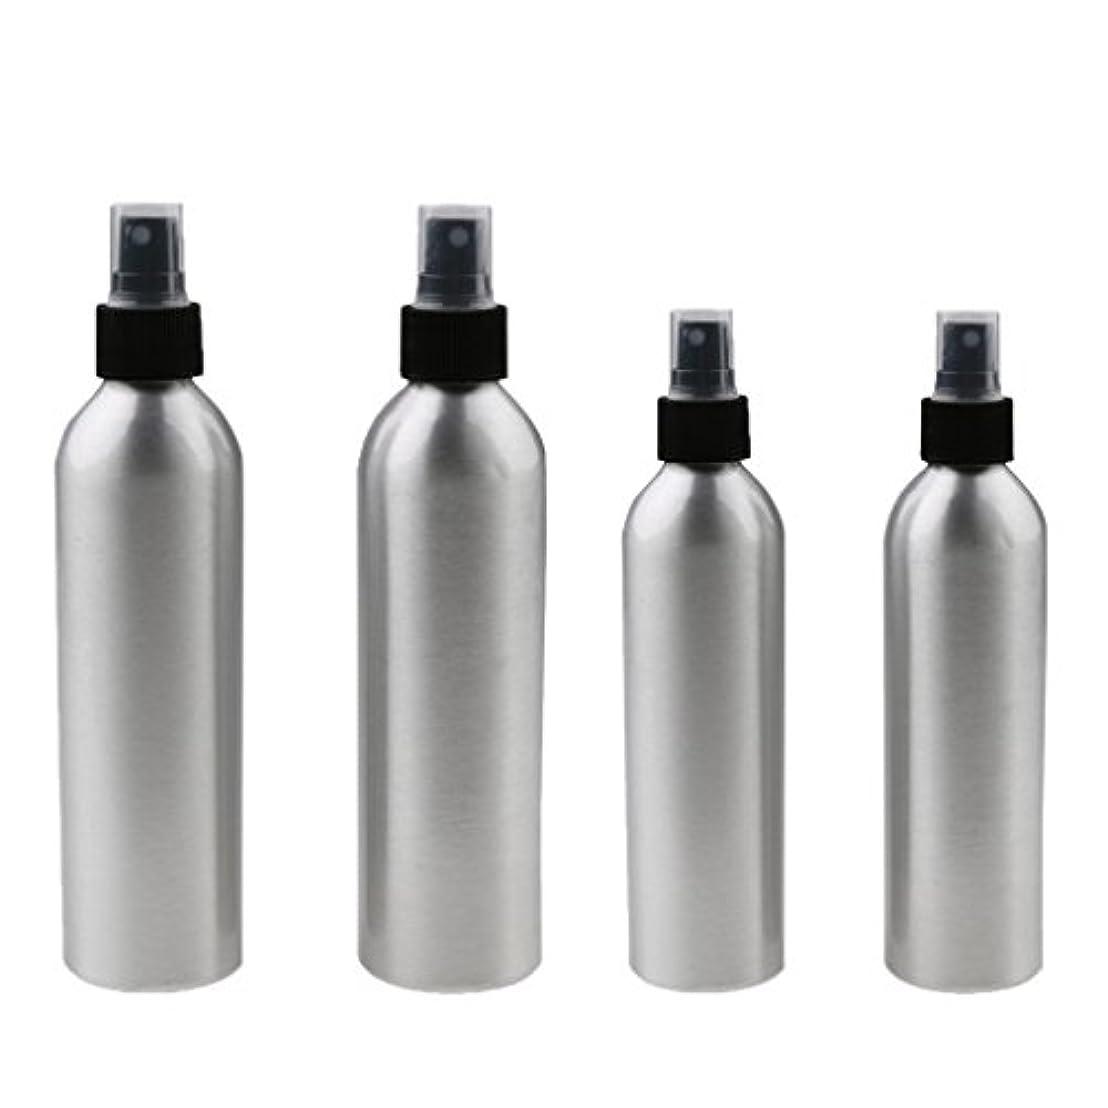 可動式虚偽模倣4本入り スプレーボトル 100mlと150ml各2本 アルミミスト スプレー 香水 ボトル スプレーアトマイザー